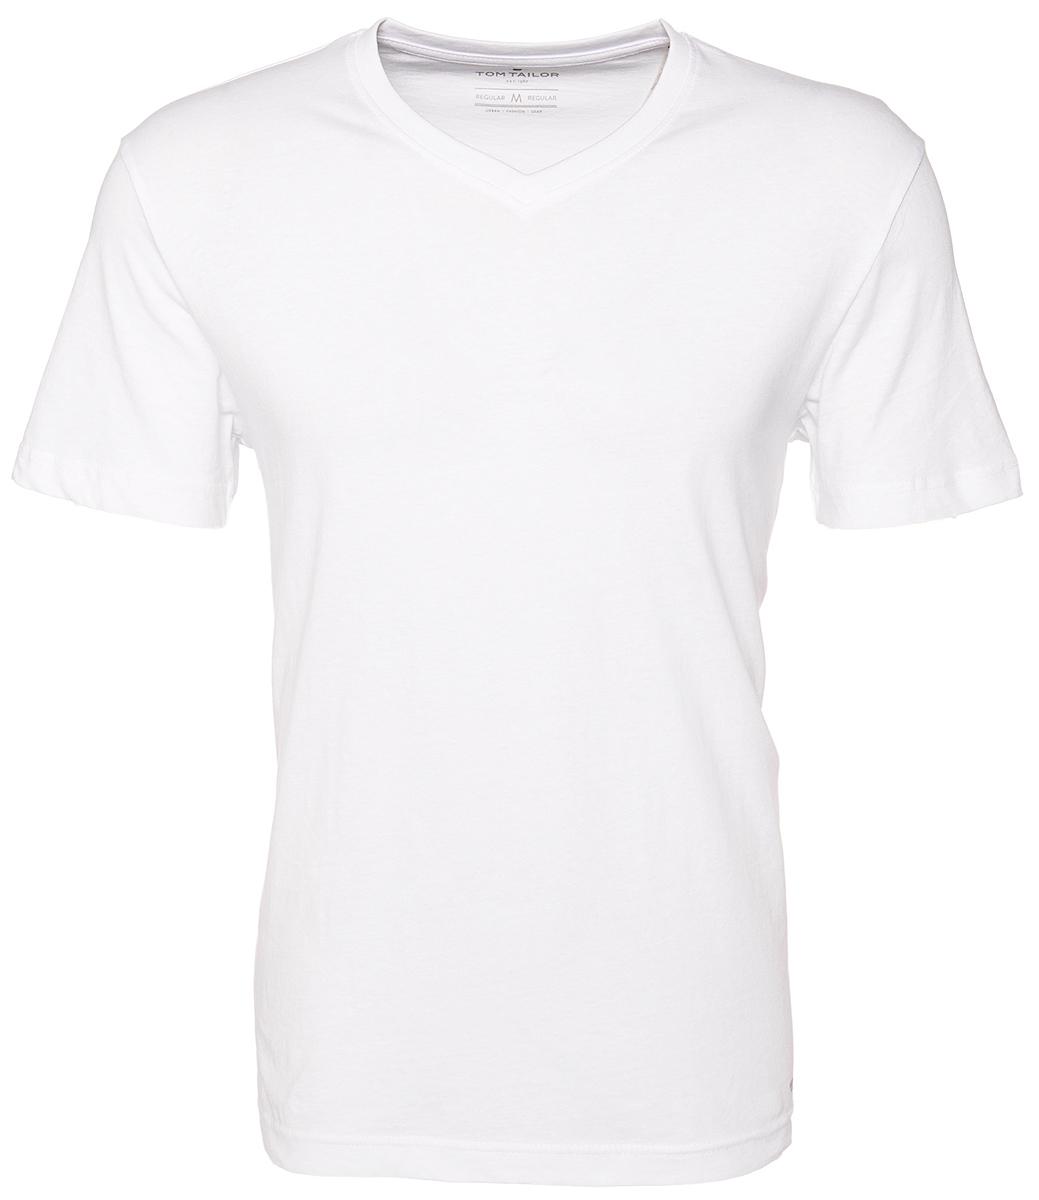 Футболка мужская Tom Tailor, цвет: белый, 2 шт. 1028703.09.10. Размер L (50)1028703.09.10Мужская футболка от Tom Tailor выполнена из натурального хлопка. Модель с короткими рукавами и V-образным вырезом горловины.В комплект входят 2 футболки.